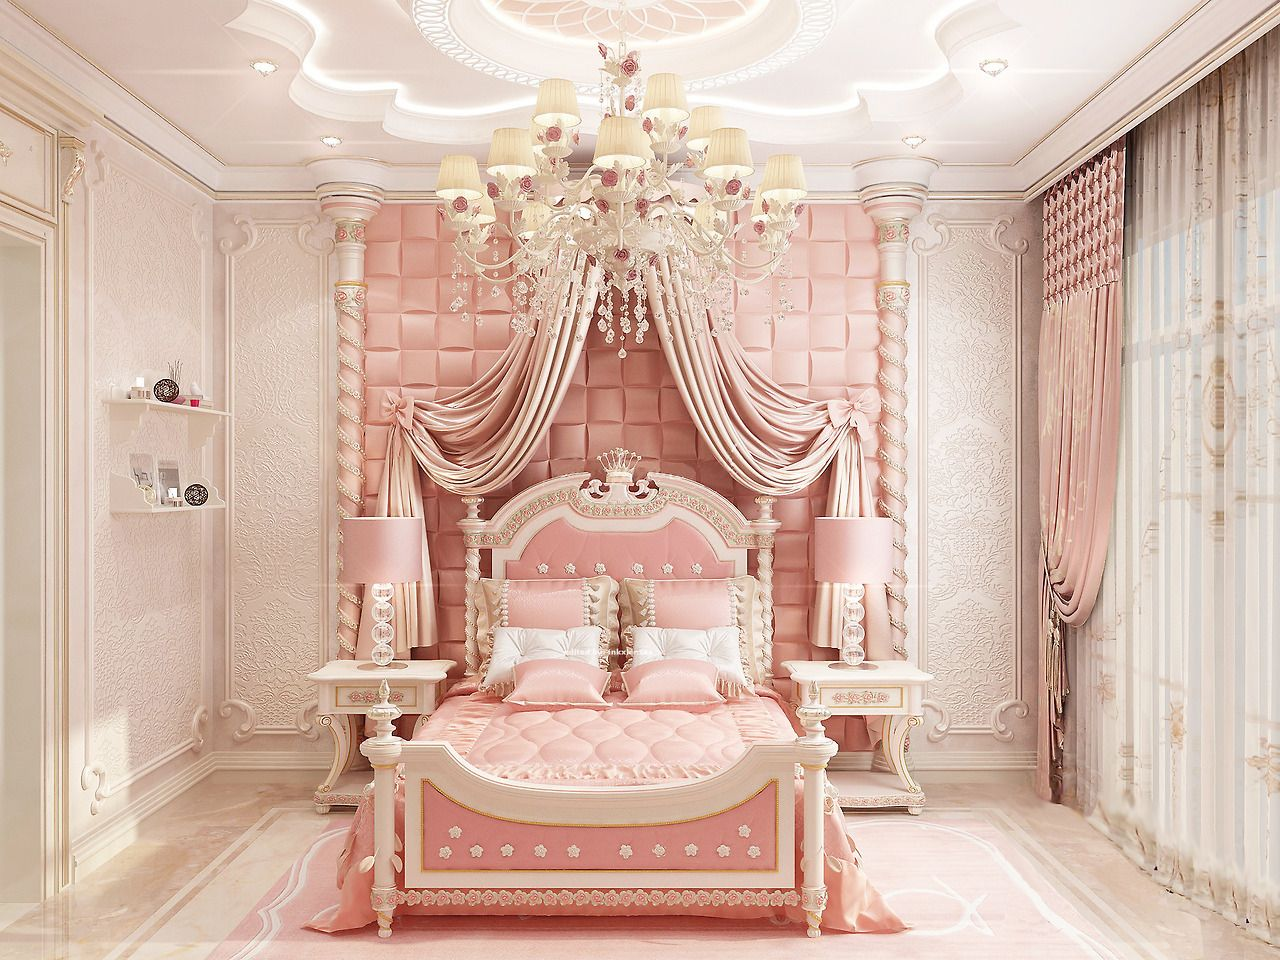 Make A Royal Place